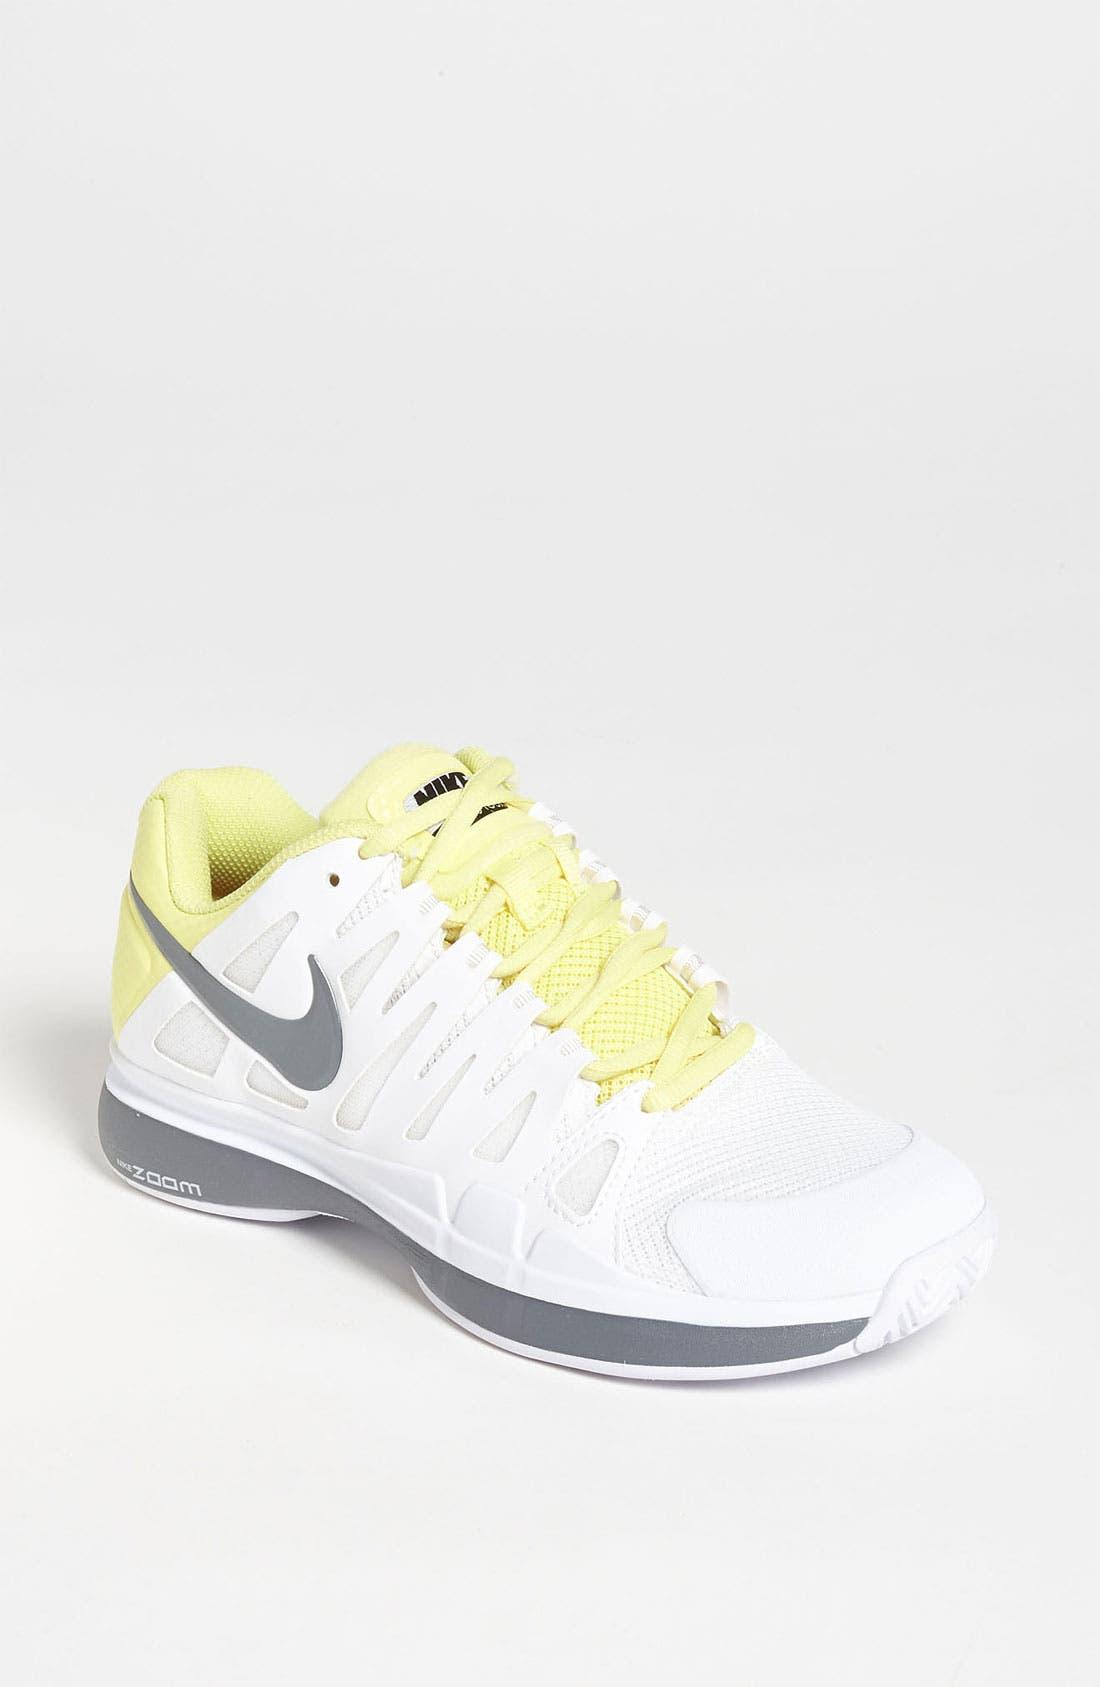 NIKE 'Zoom Vapor 9 Tour' Tennis Shoe, Main, color, 107